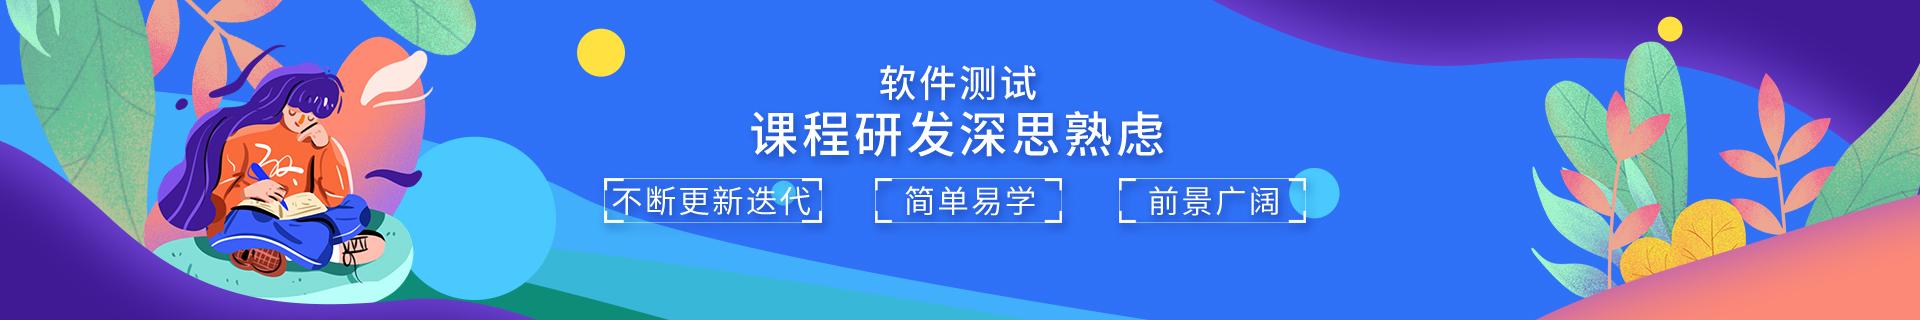 上海浦东达内IT教育培训